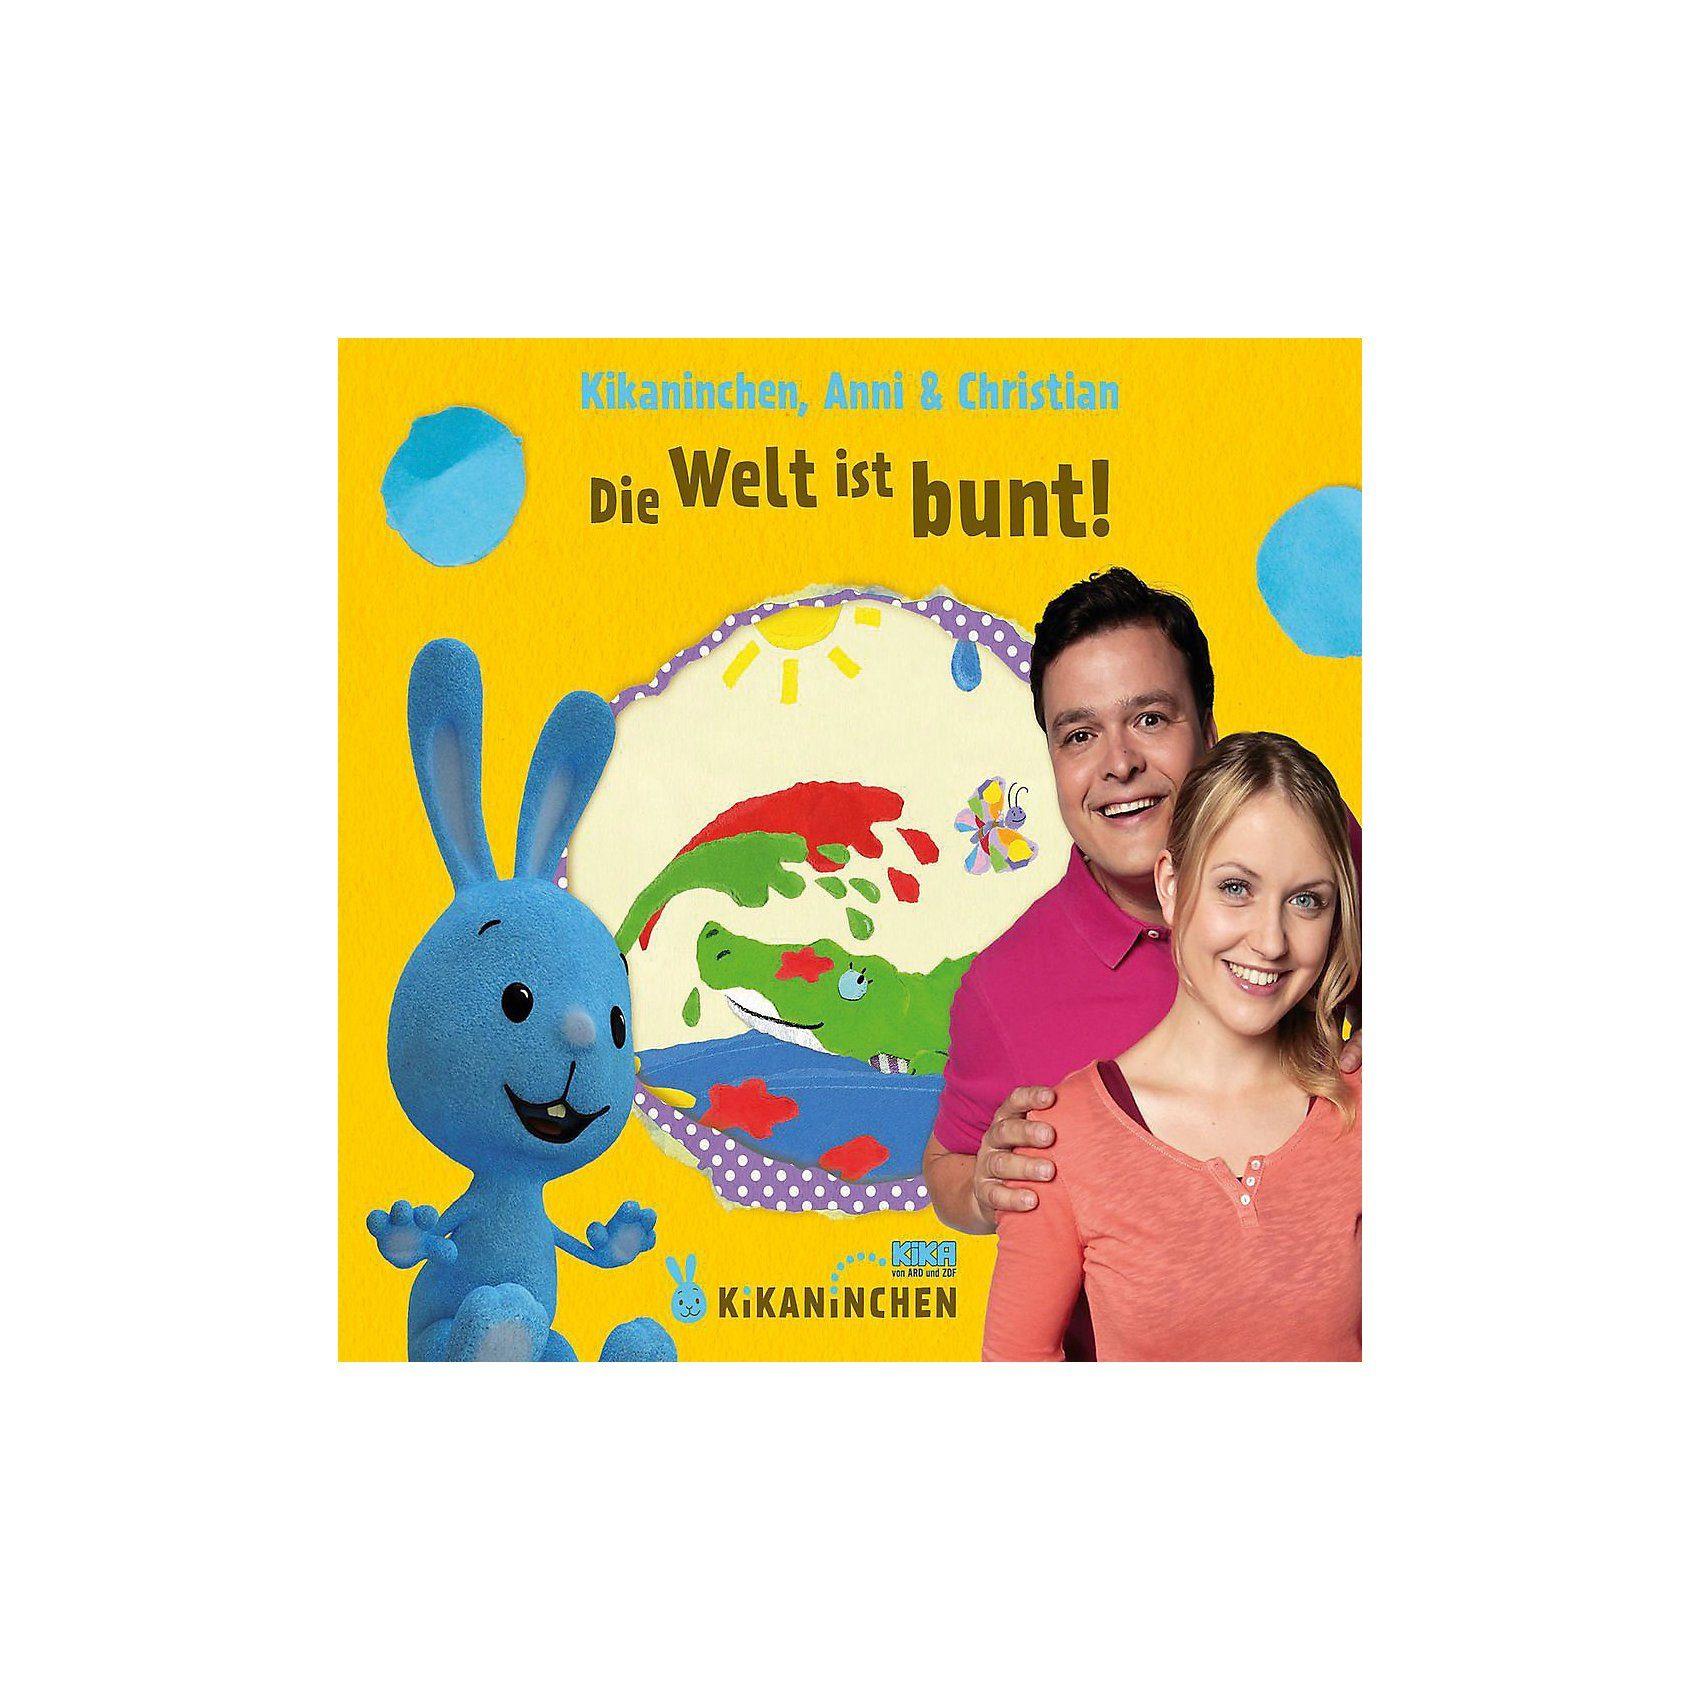 Universal CD Kikaninchen Die Welt ist bunt - Das 3.Album